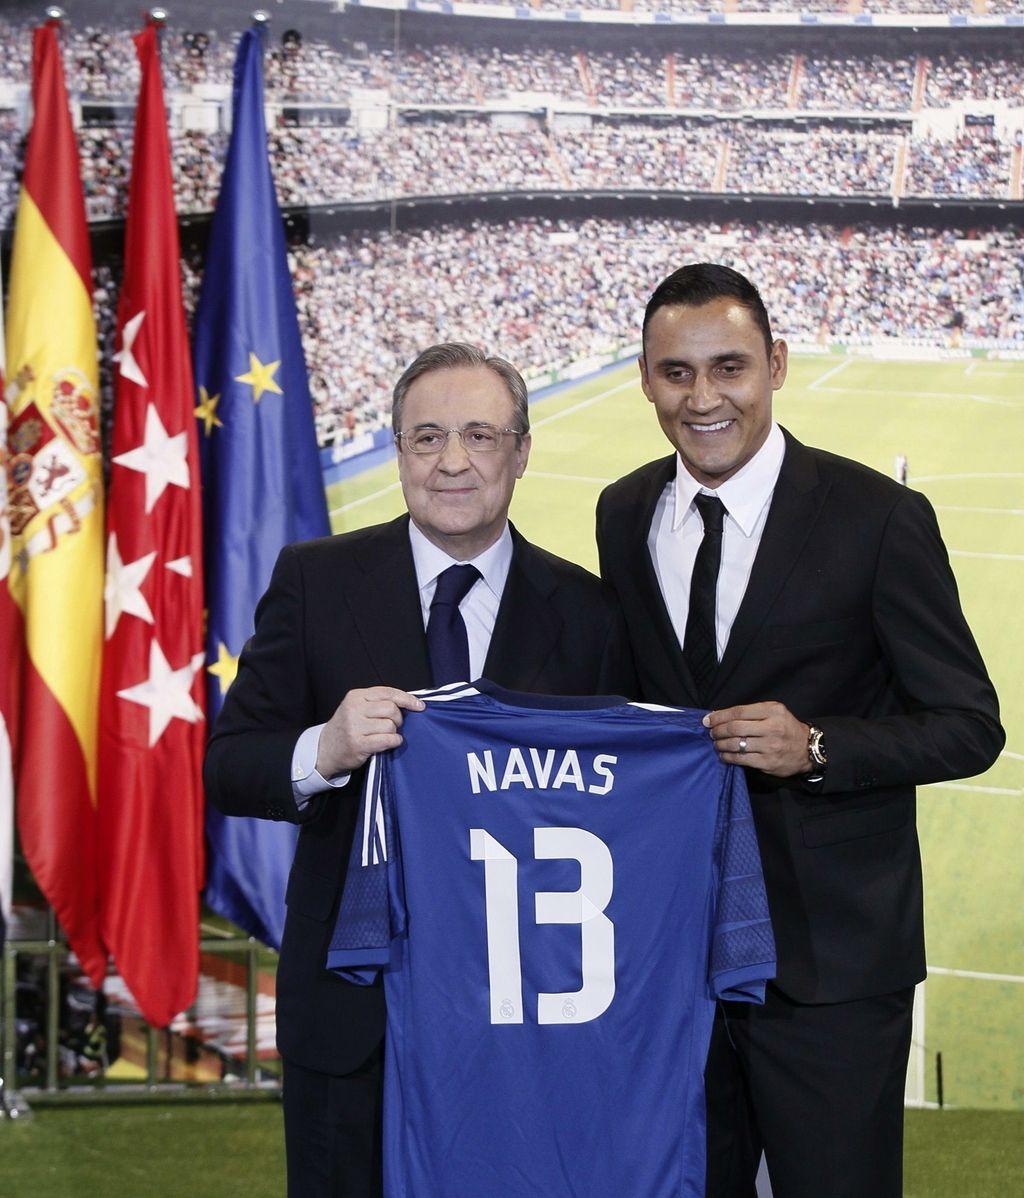 Keylor Navas presentado como nuevo jugador del Real Madrid